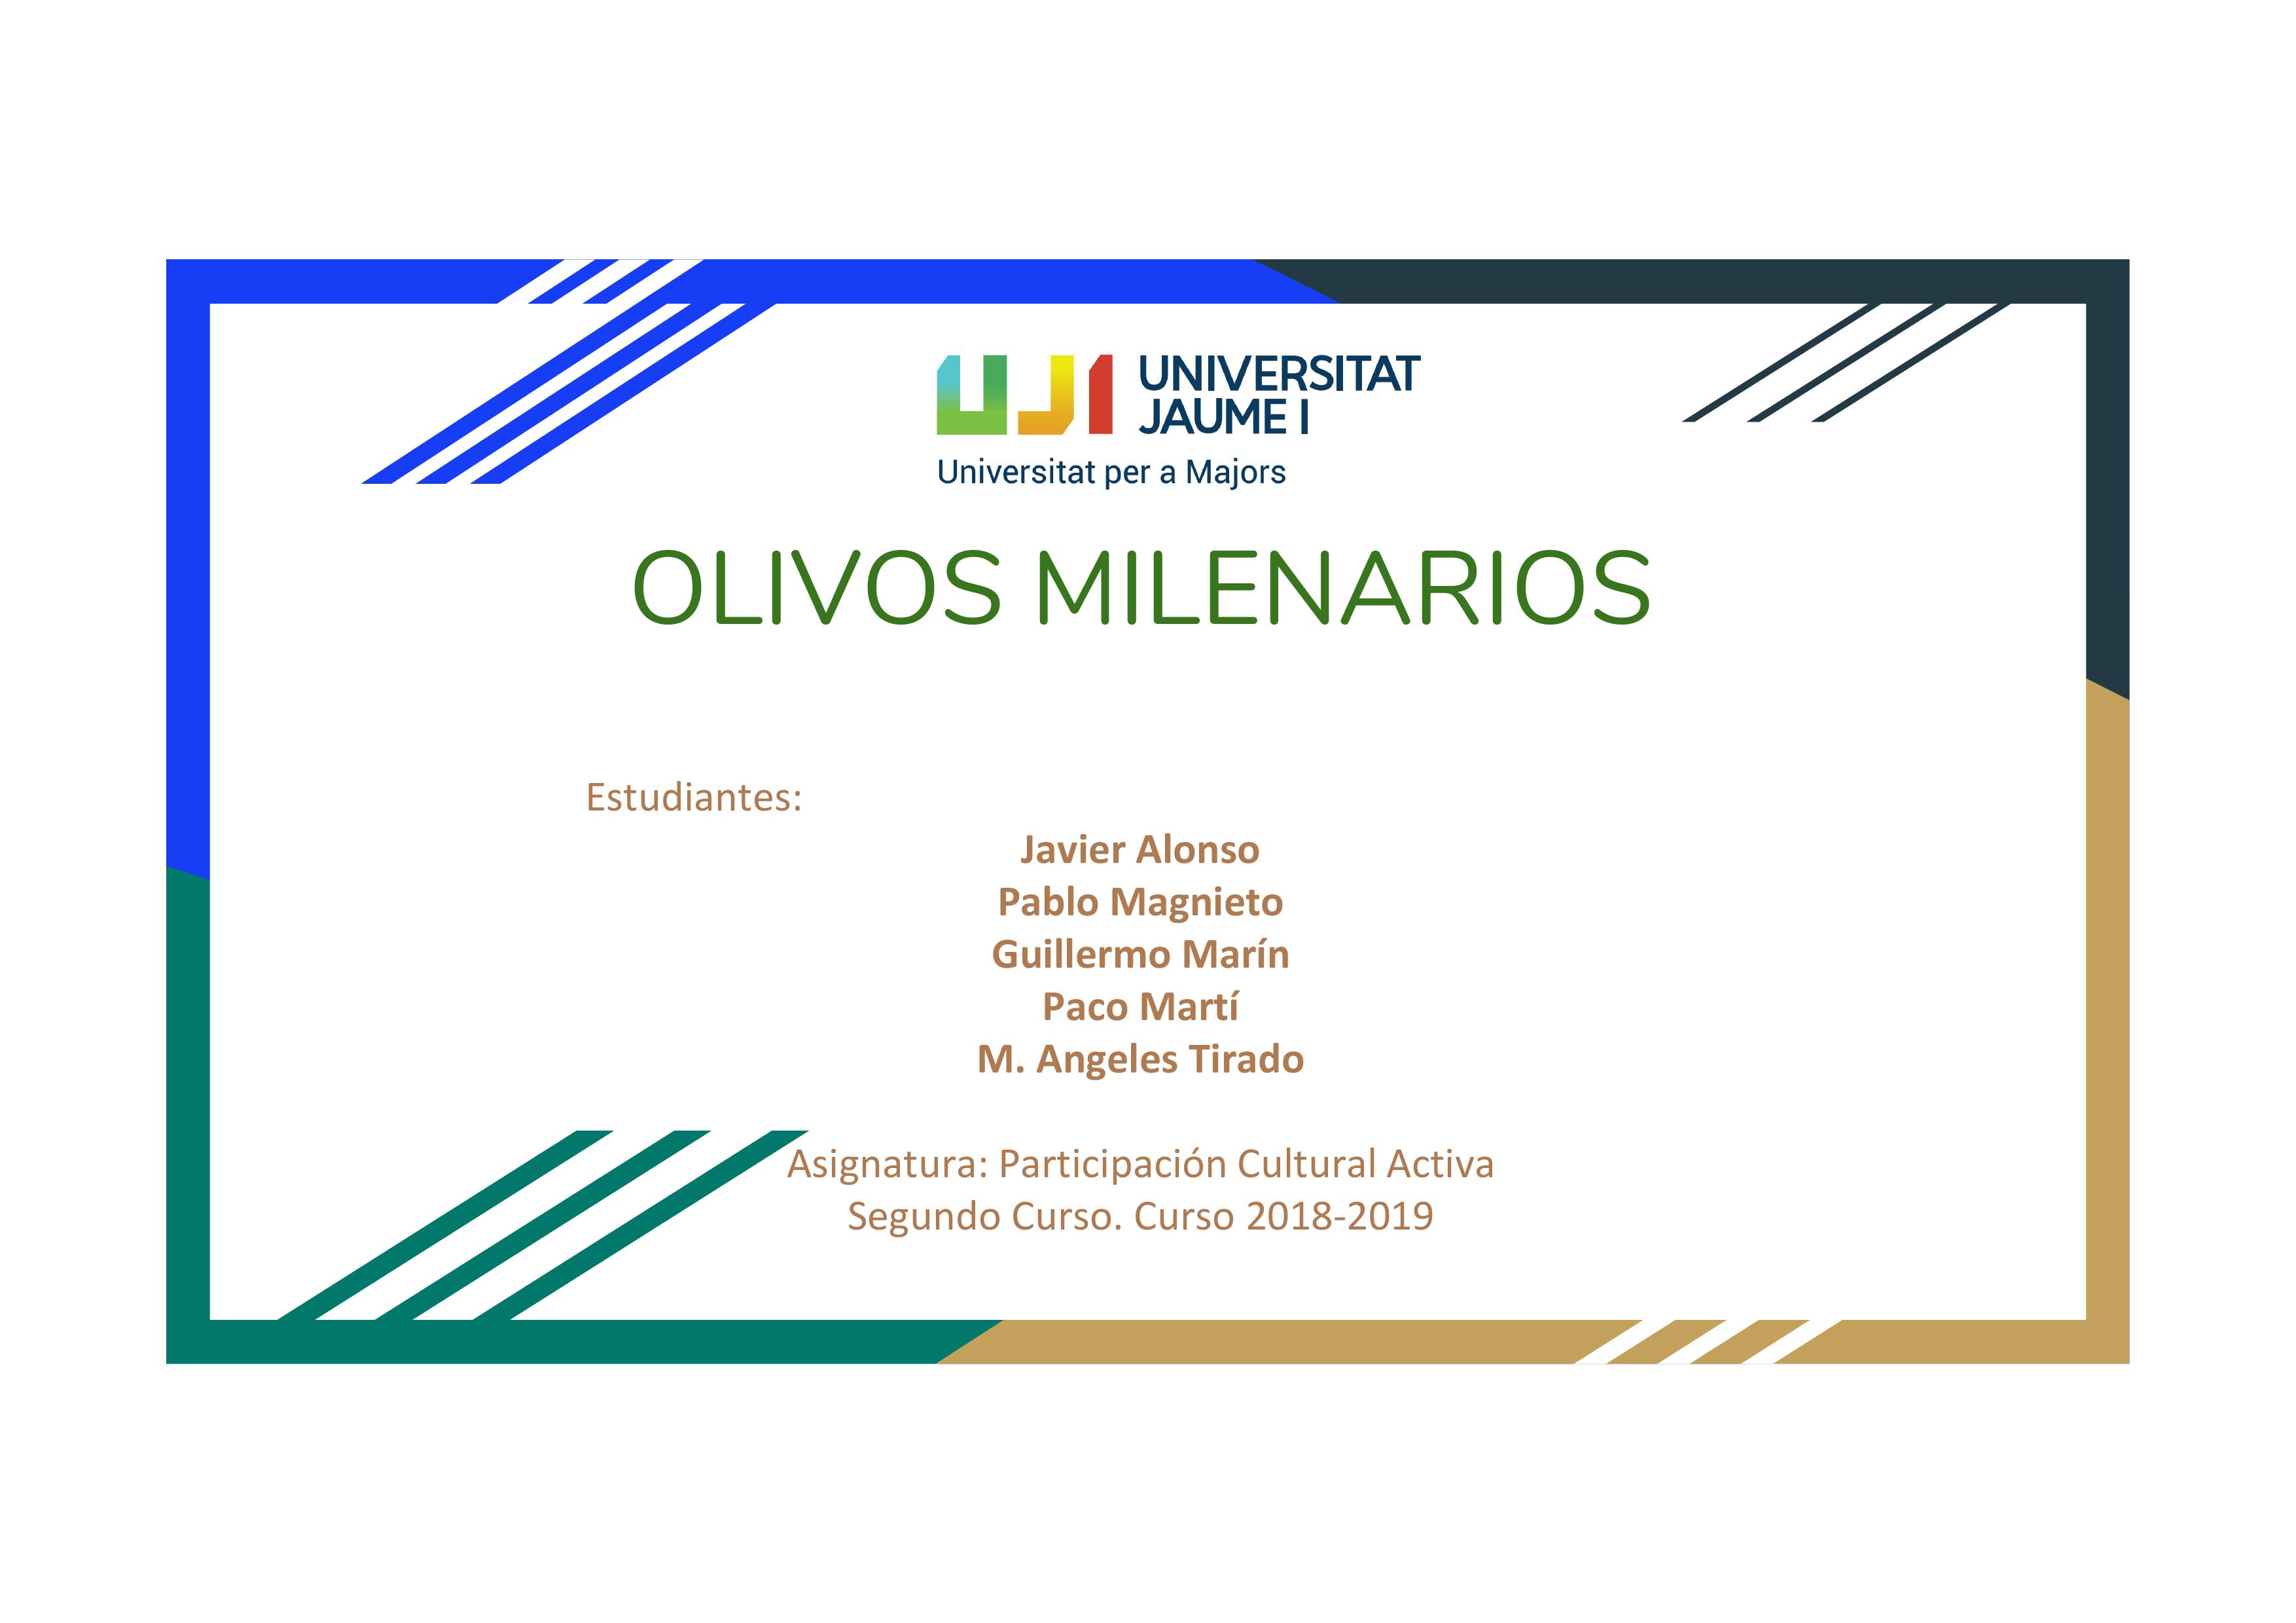 OLIVOS-MILENARIOS